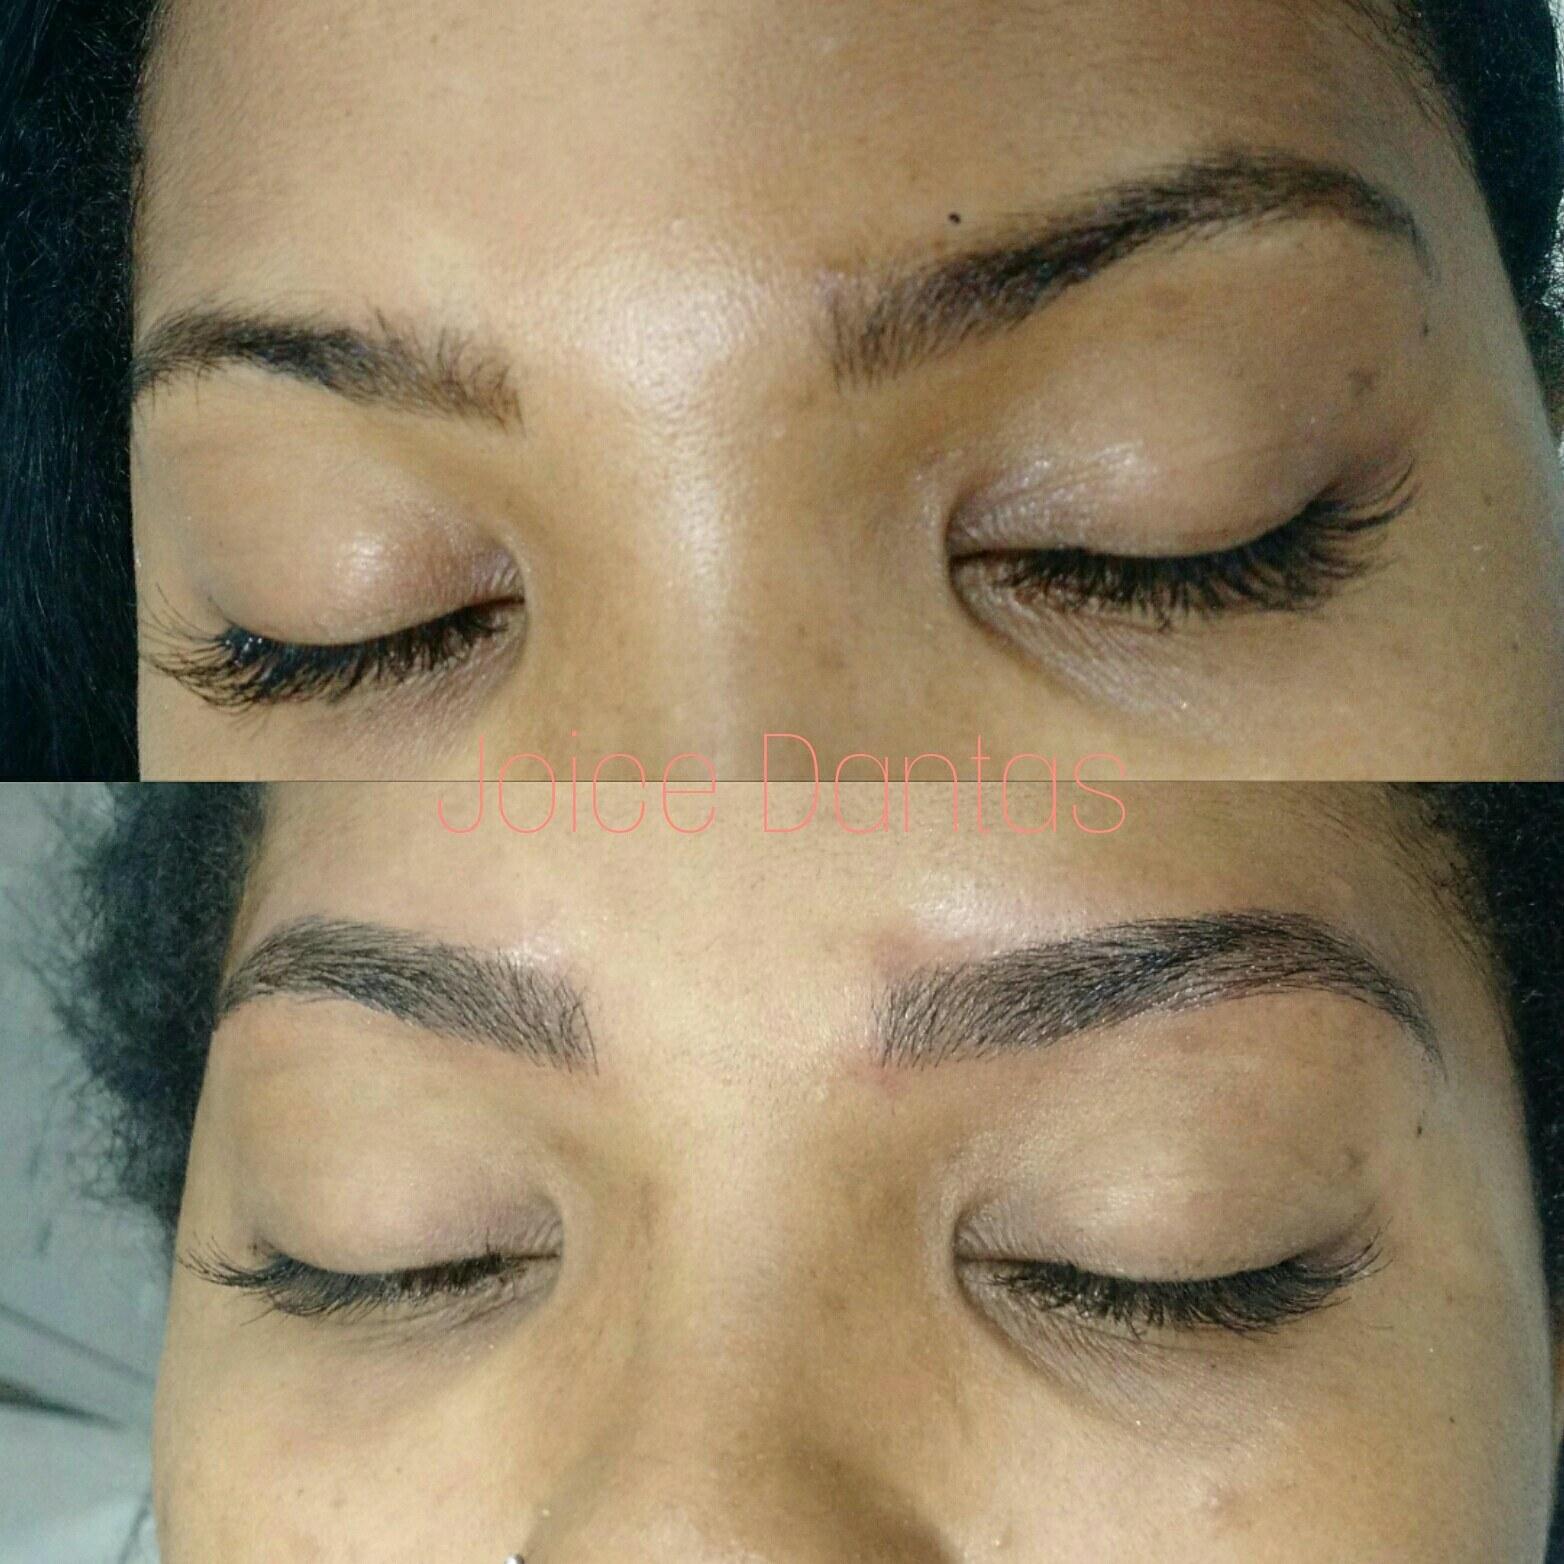 #tebori estética maquiador(a) designer de sobrancelhas manicure e pedicure micropigmentador(a)